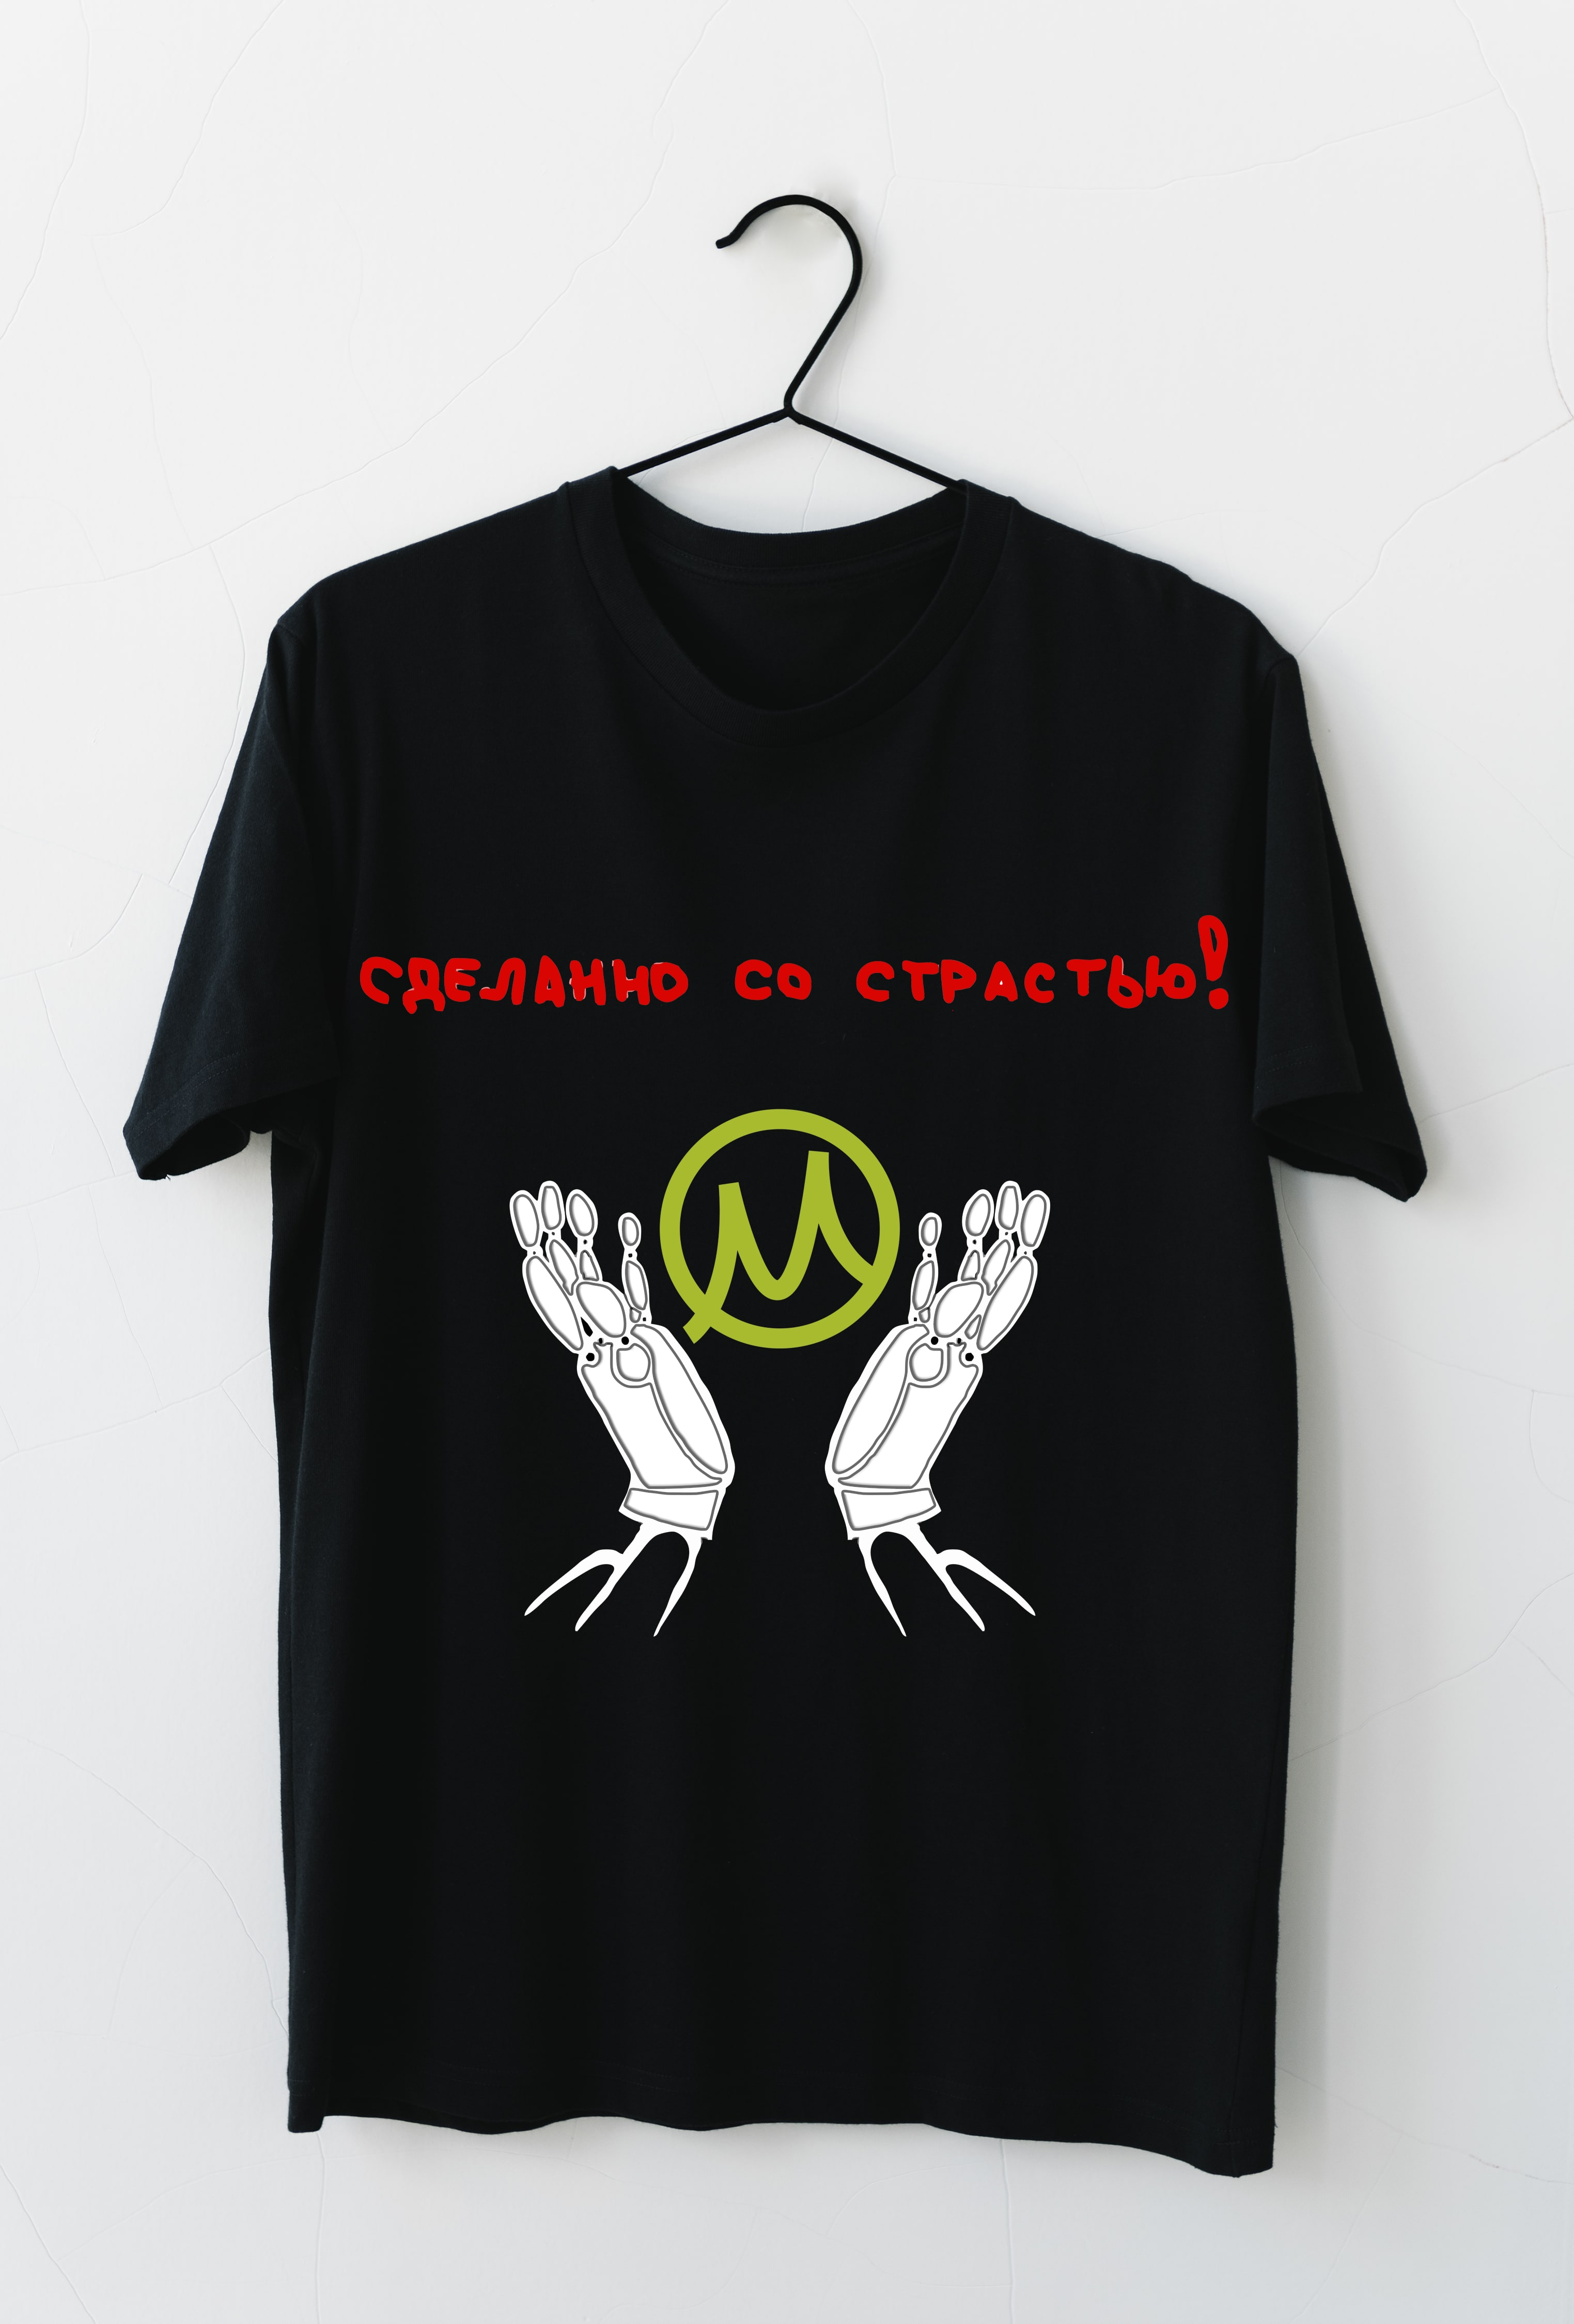 Нарисовать принты на футболки для компании Моторика фото f_50360a633e5621c0.jpg